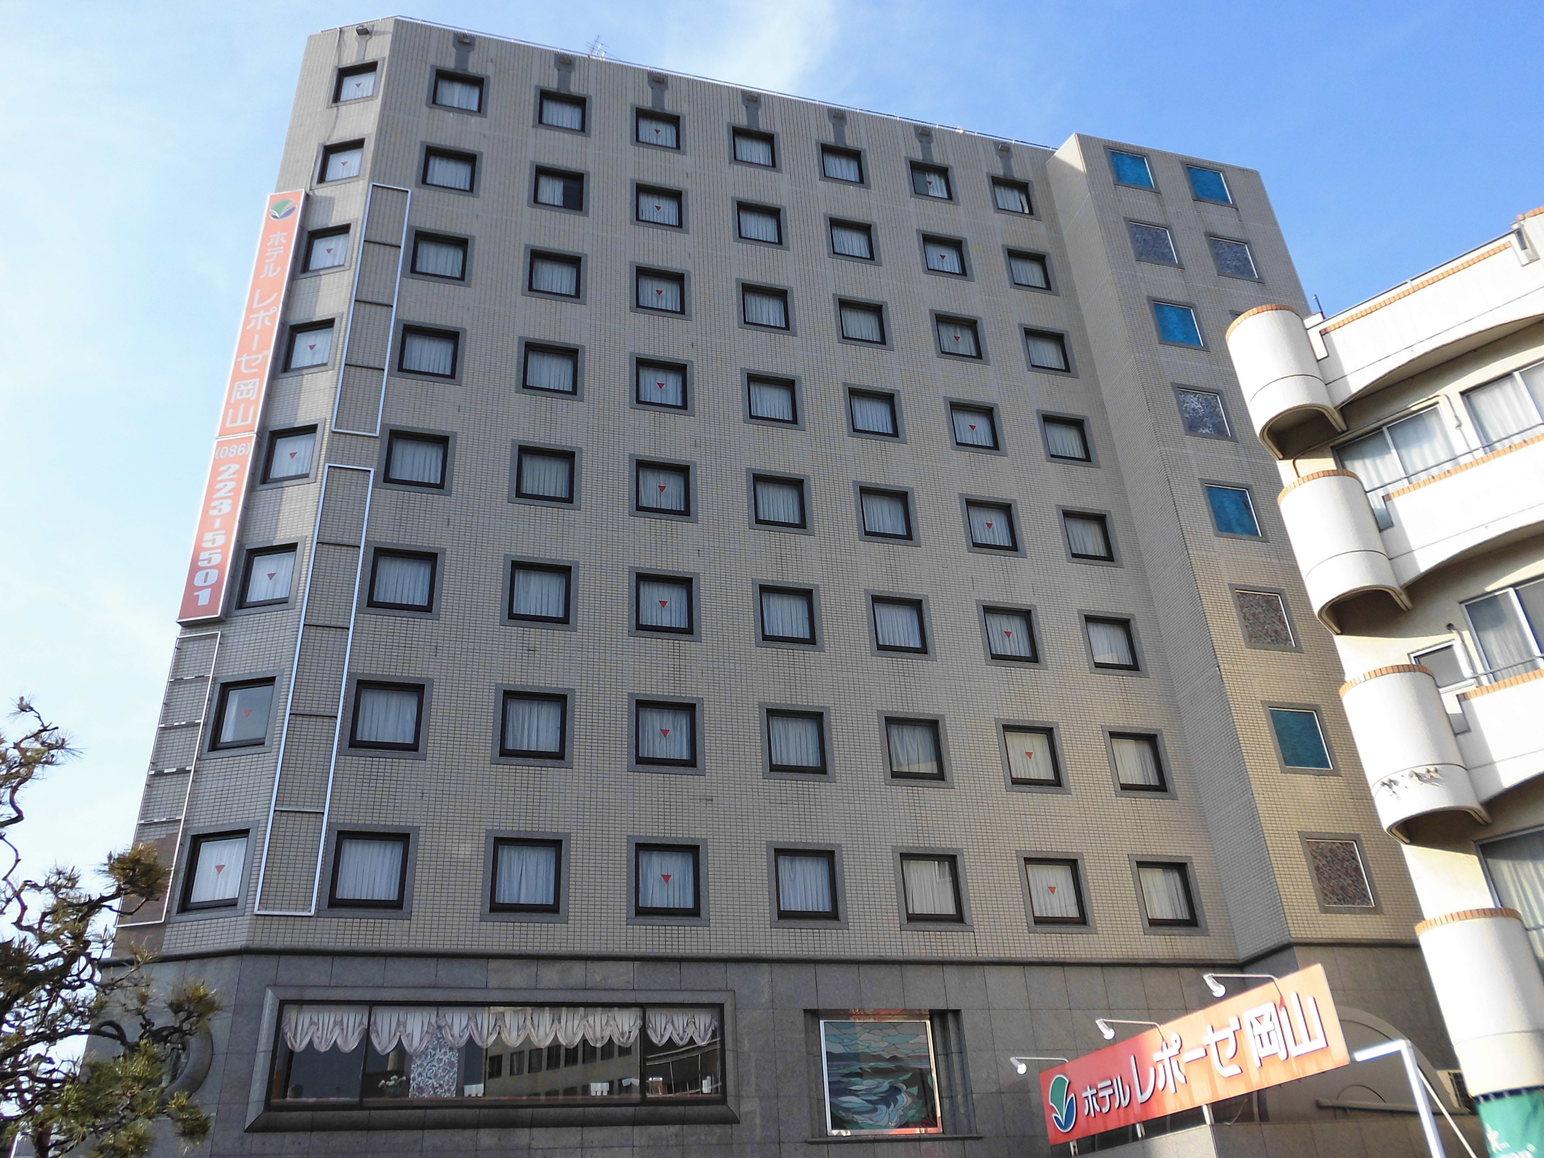 ホテル レポーゼ岡山◆楽天トラベル